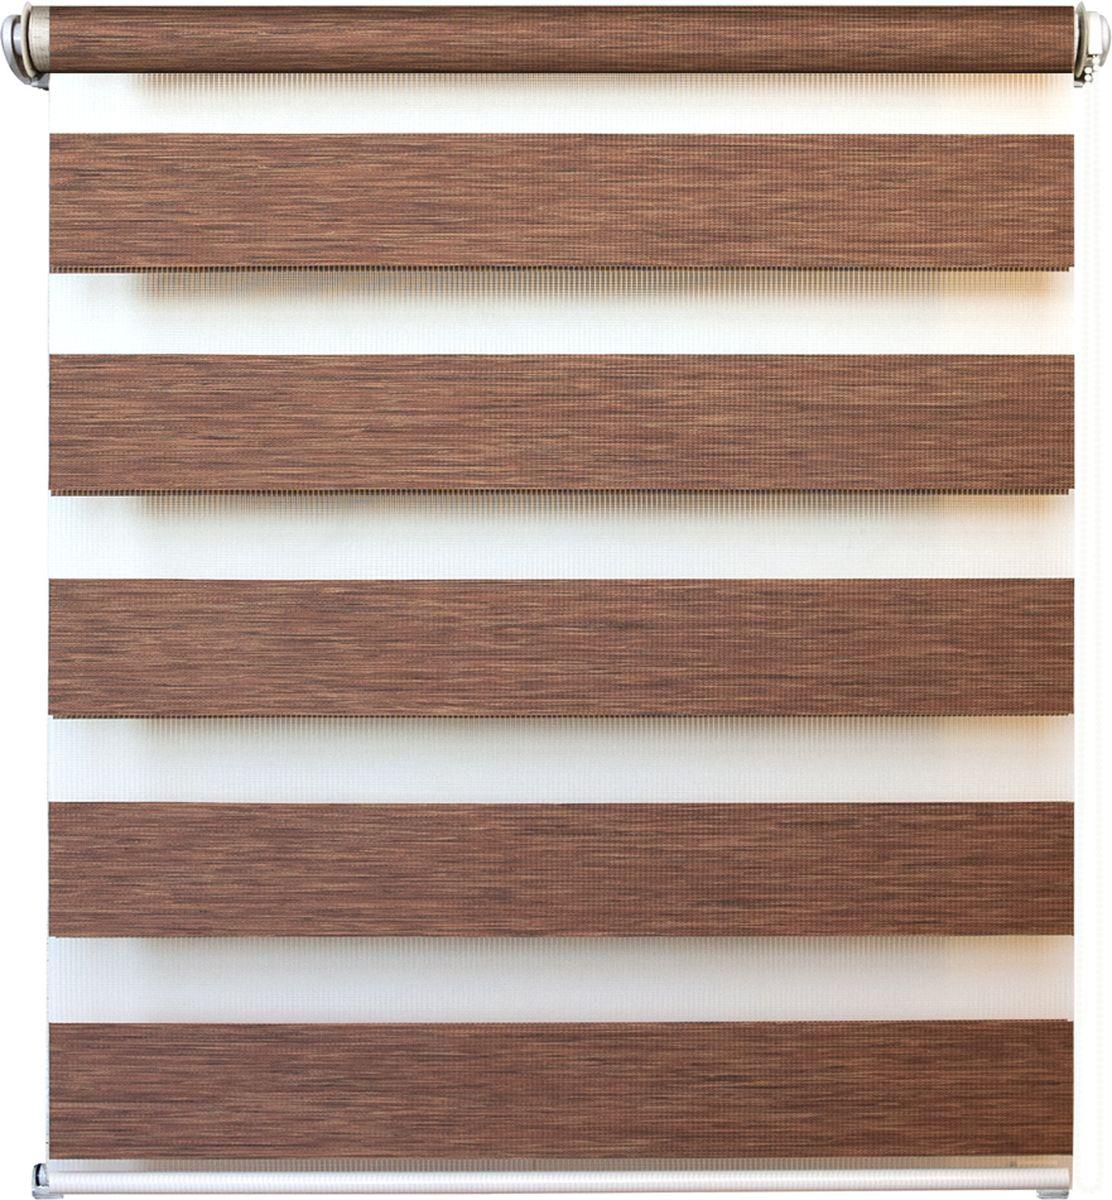 Штора рулонная день/ночь Уют Канзас, цвет: коричневый, 120 х 160 см62.РШТО.8922.120х160Штора рулонная день/ночь Уют Канзас выполнена из прочного полиэстера, в котором чередуются полосы различной плотности и фактуры. Управление двойным слоем ткани с помощью цепочки позволяет регулировать степень светопроницаемости шторы. Если совпали плотные полосы, то прозрачные будут открыты максимально. Это положение шторы называется День. Максимальное затемнение помещения достигается при полном совпадении полос разных фактур. Это положение шторы называется Ночь. Конструкция шторы также позволяет полностью свернуть полотно, обеспечив максимальное открытие окна. Рулонная штора - это разновидность штор, которая закрывает не весь оконный проем, а непосредственно само стекло. Такая штора очень компактна, что помогает сэкономить пространство. Универсальная конструкция позволяет монтировать штору на стену, потолок, деревянные или пластиковые рамы окон. В комплект входят кронштейны и нижний утяжелитель. Возможна установка с управлением цепочкой как справа, так и...